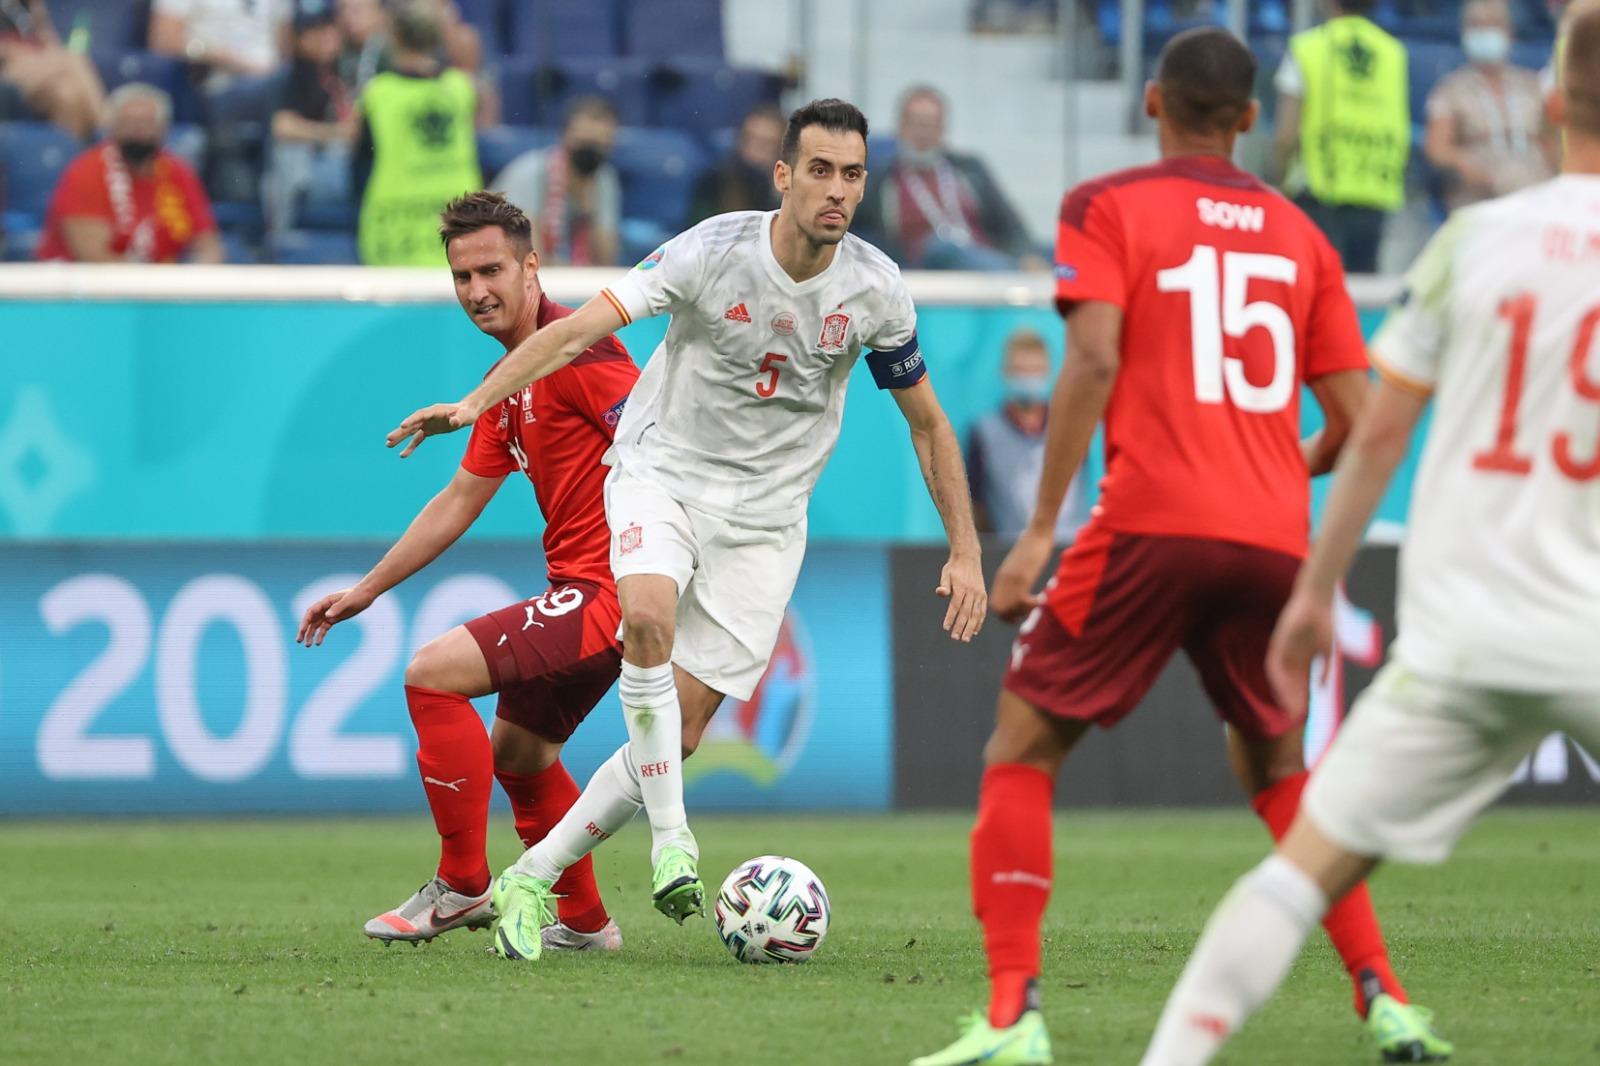 Kembalinya Busquets dari akhir babak penyisihan grup membantu Spanyol secara signifikan meningkatkan kemampuan menjaga bola di tengah lapangan.  Foto: RFEF